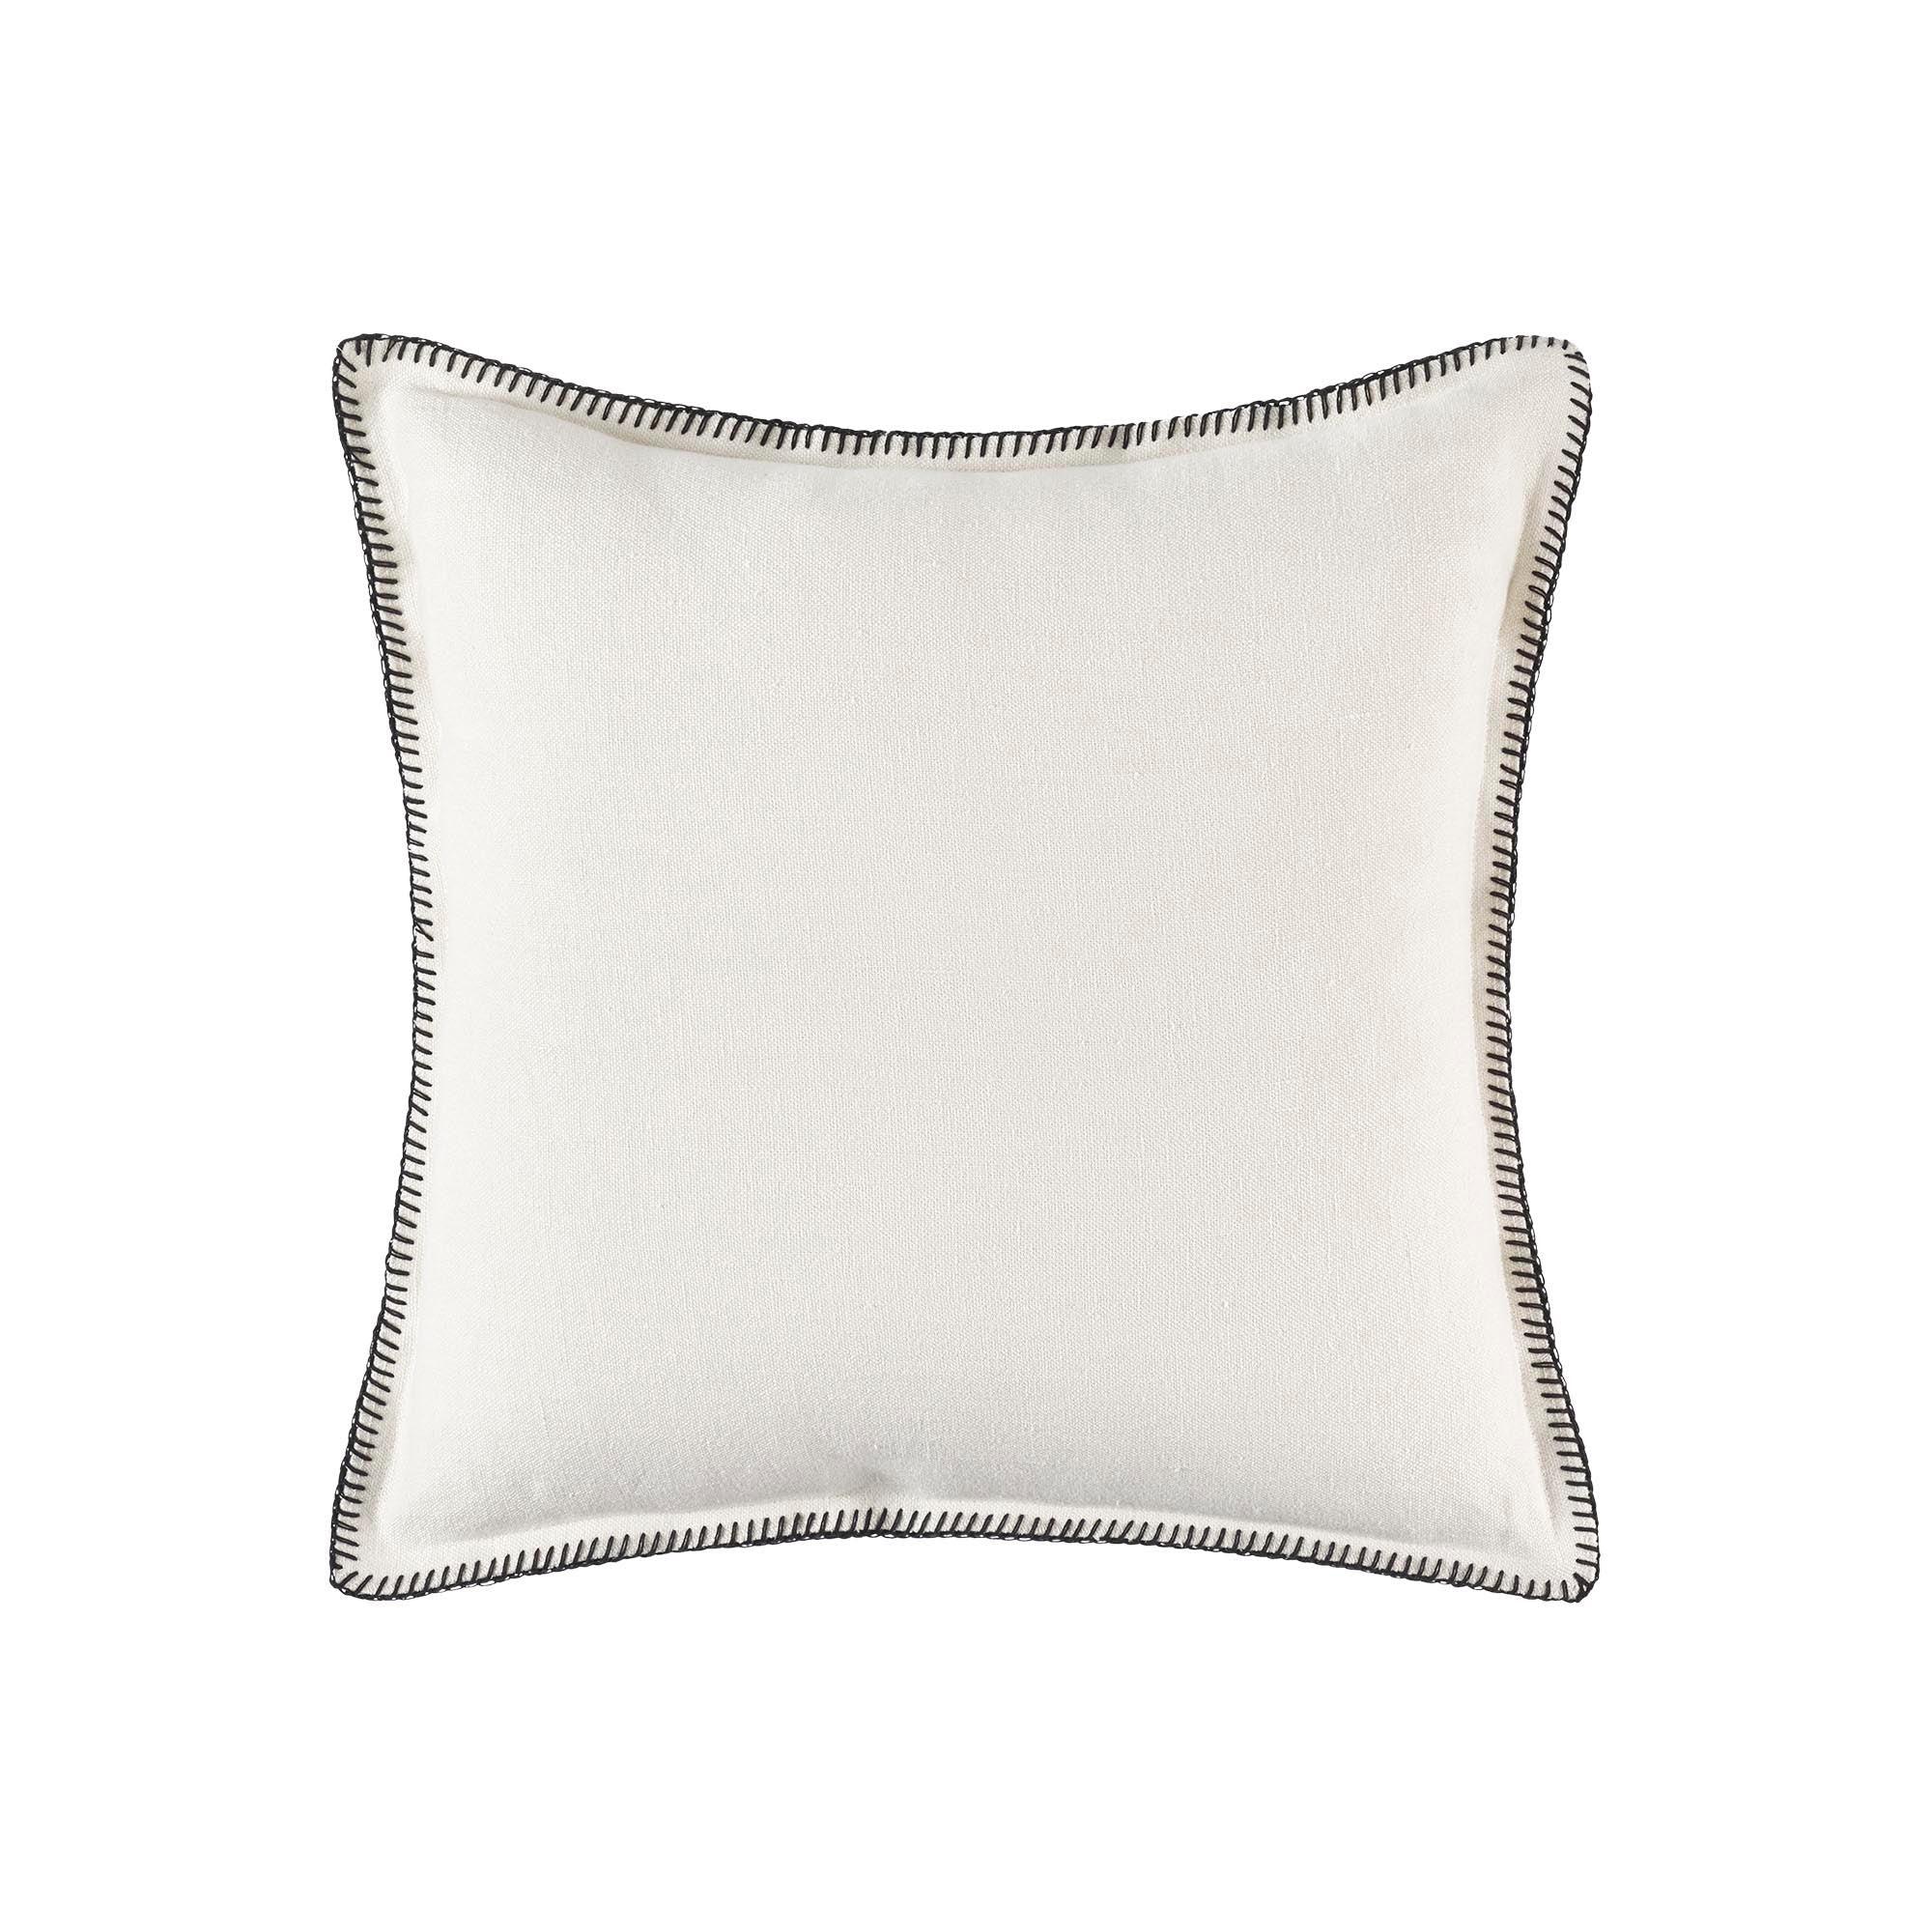 Housse de coussin 50x50 cm Blanc et feston noir en Lin